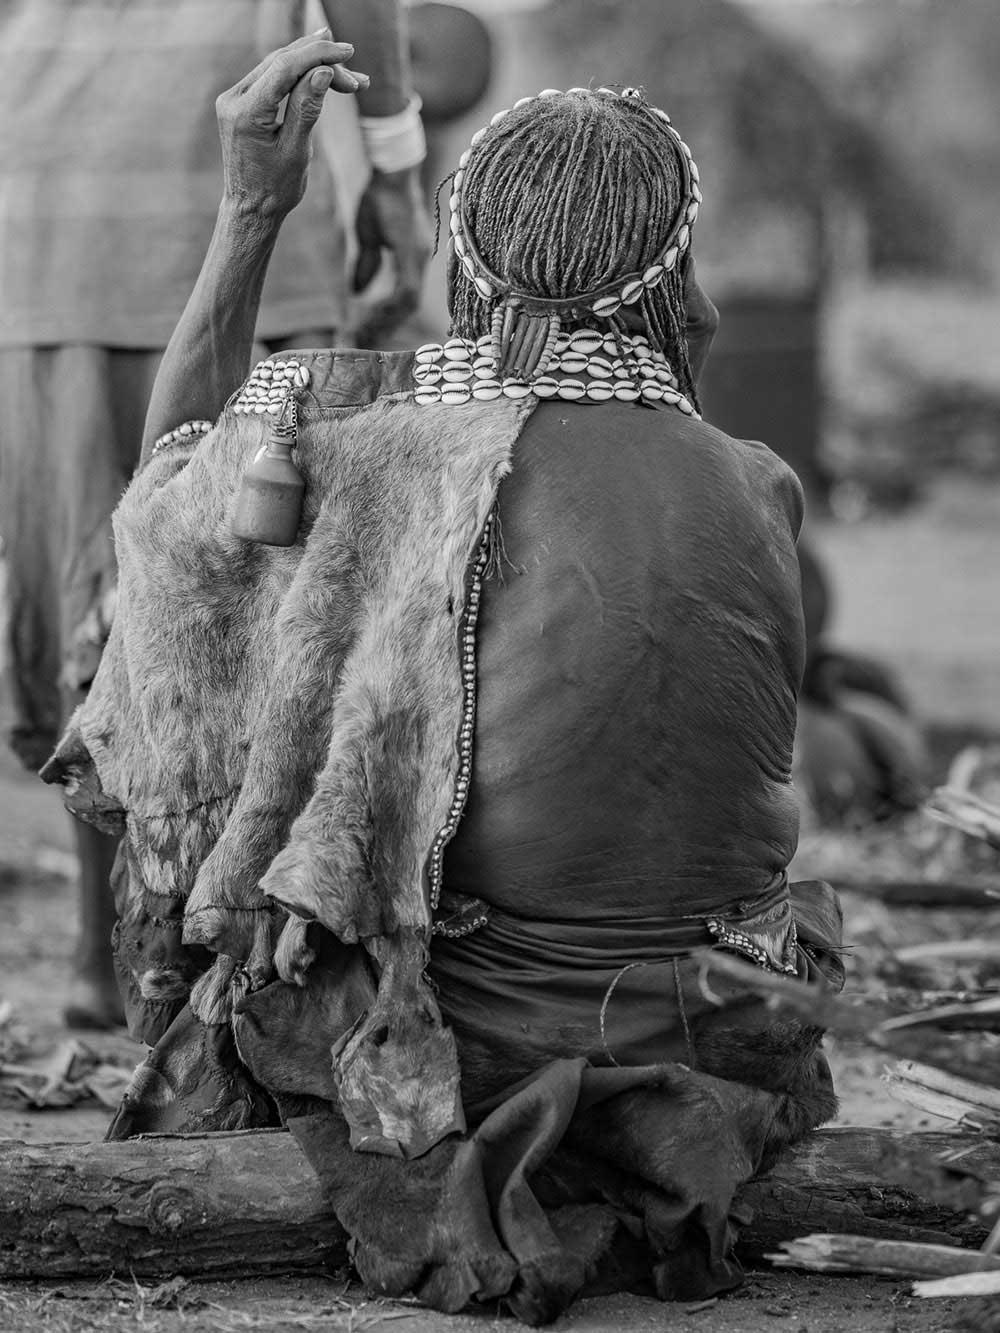 Hamer Tribe: Passage of Manhood Bull Jumping Ceremony | Omar Reda